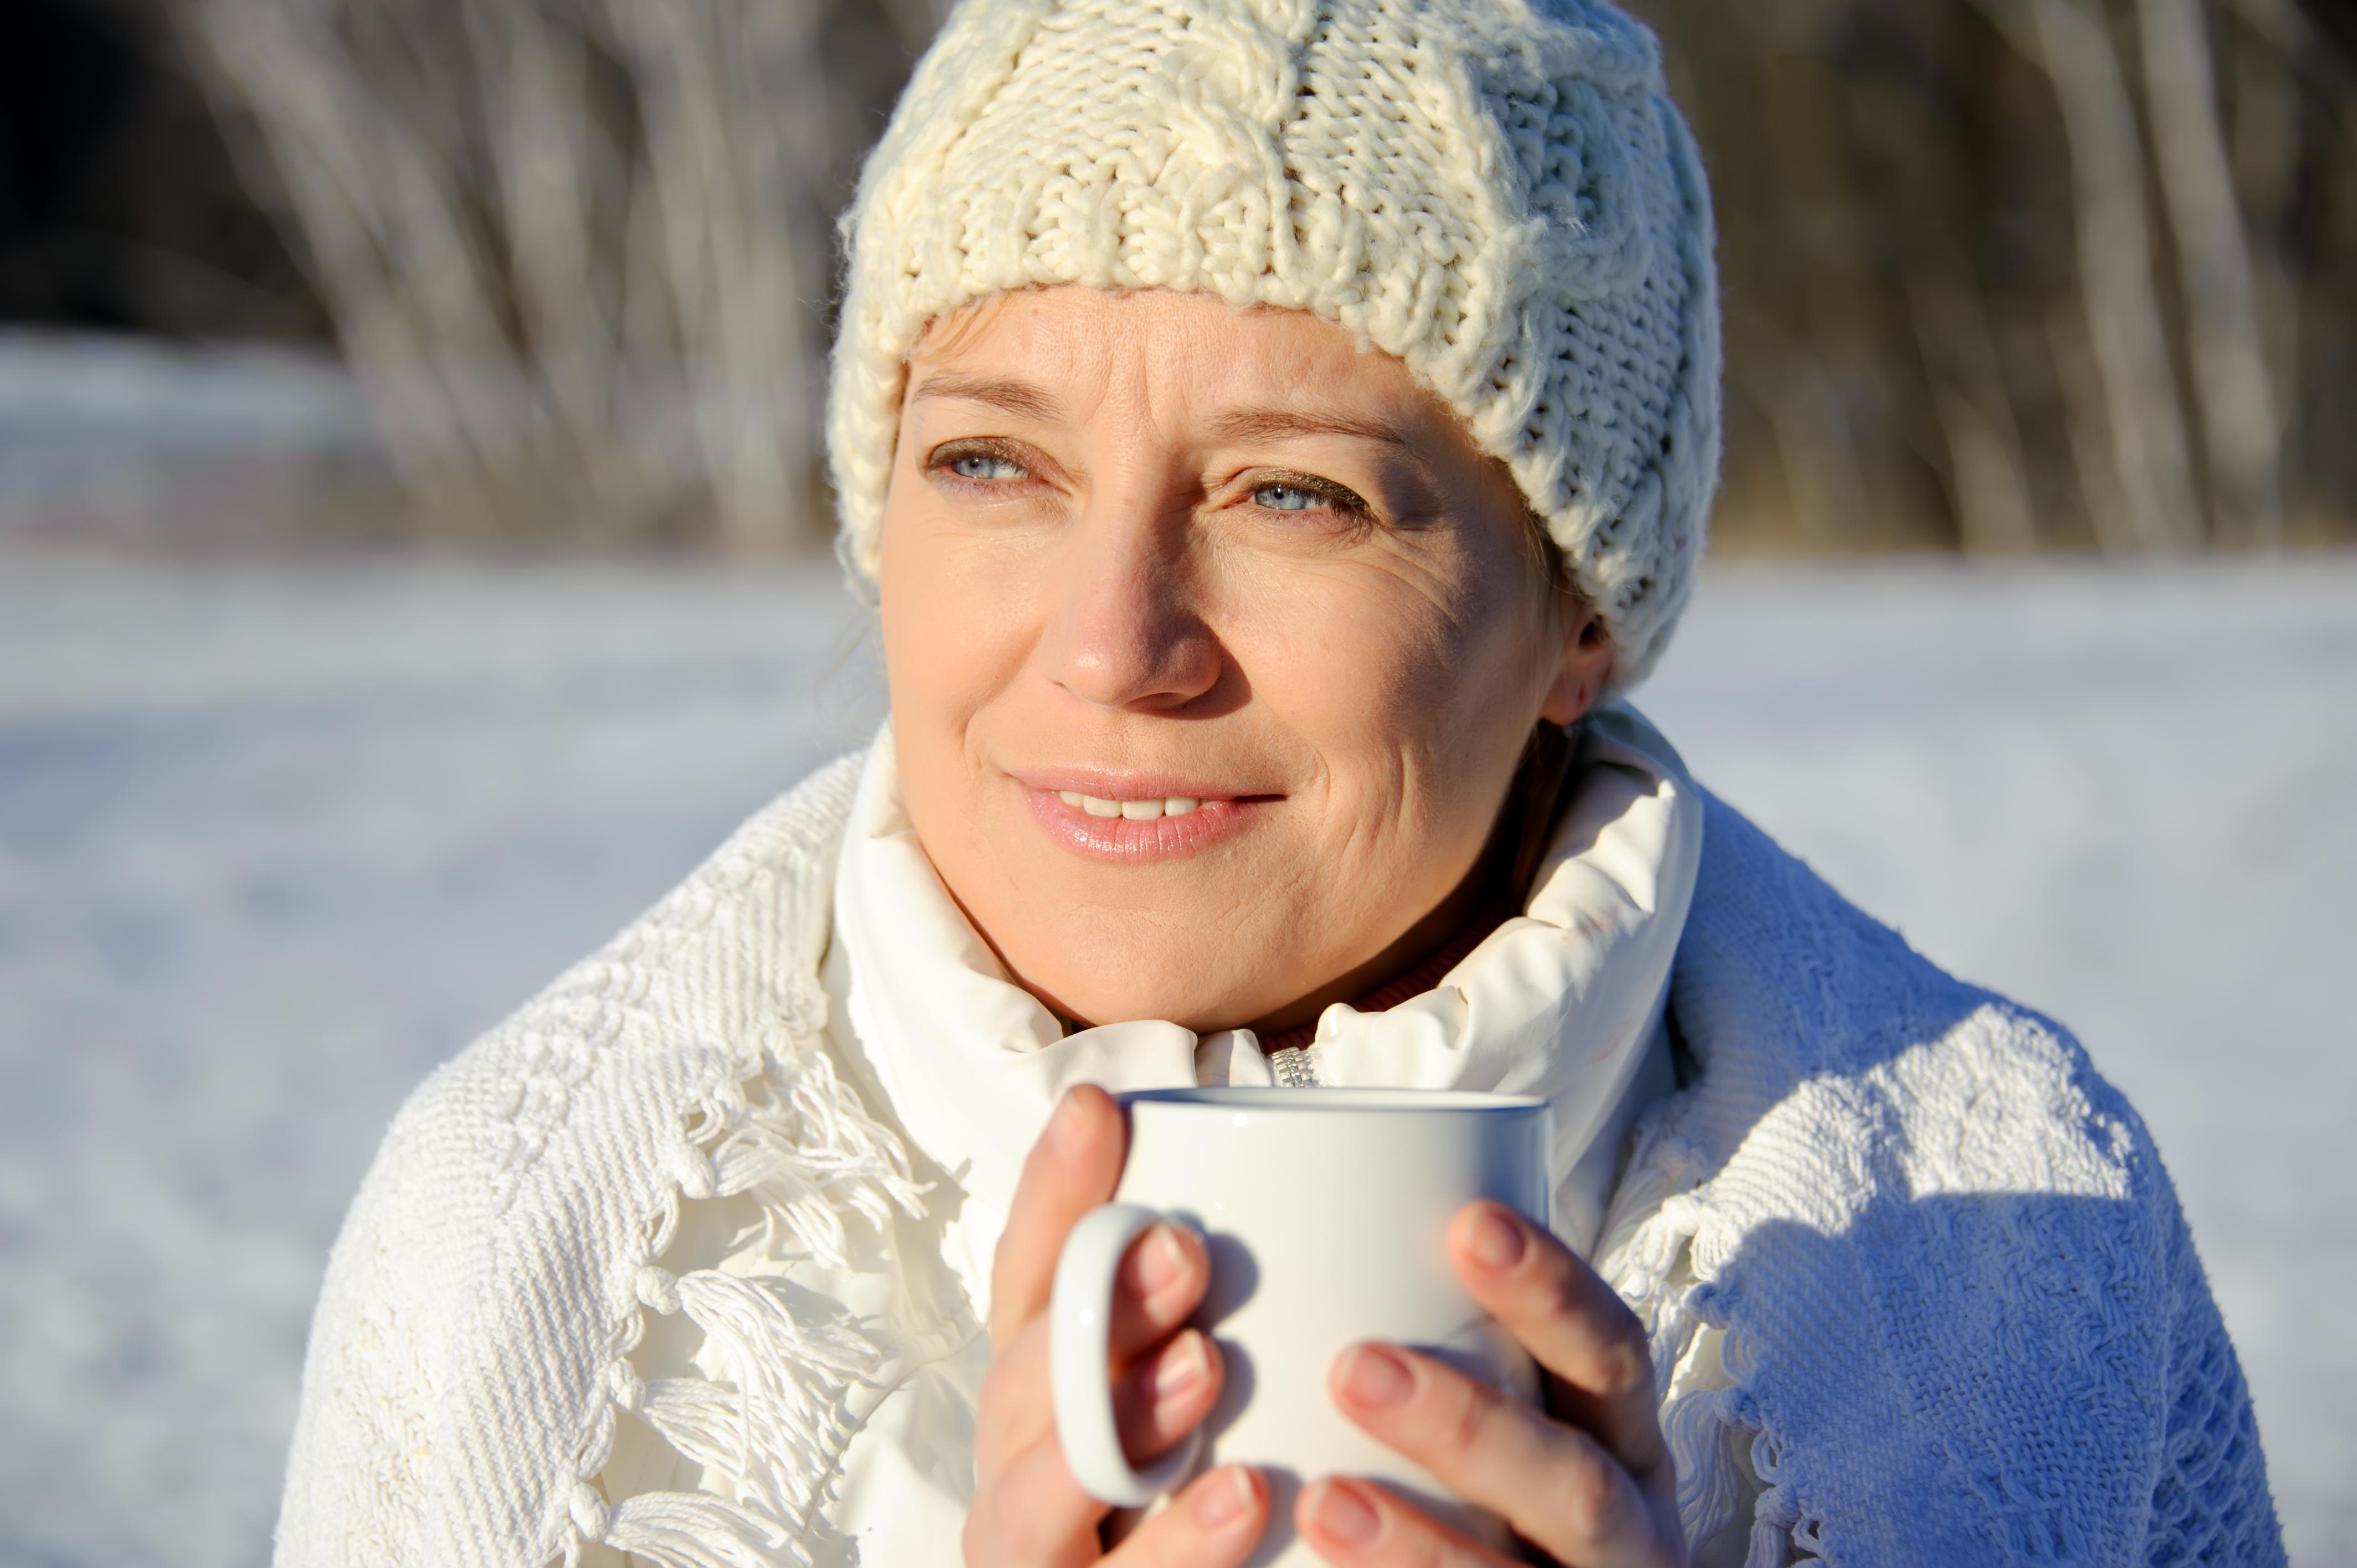 Under vinterhalvåret, då solen inte står tillräckligt högt för att kunna bilda D-vitamin genom huden, kan det uppstå D-vitaminbrist hos vissa människor.